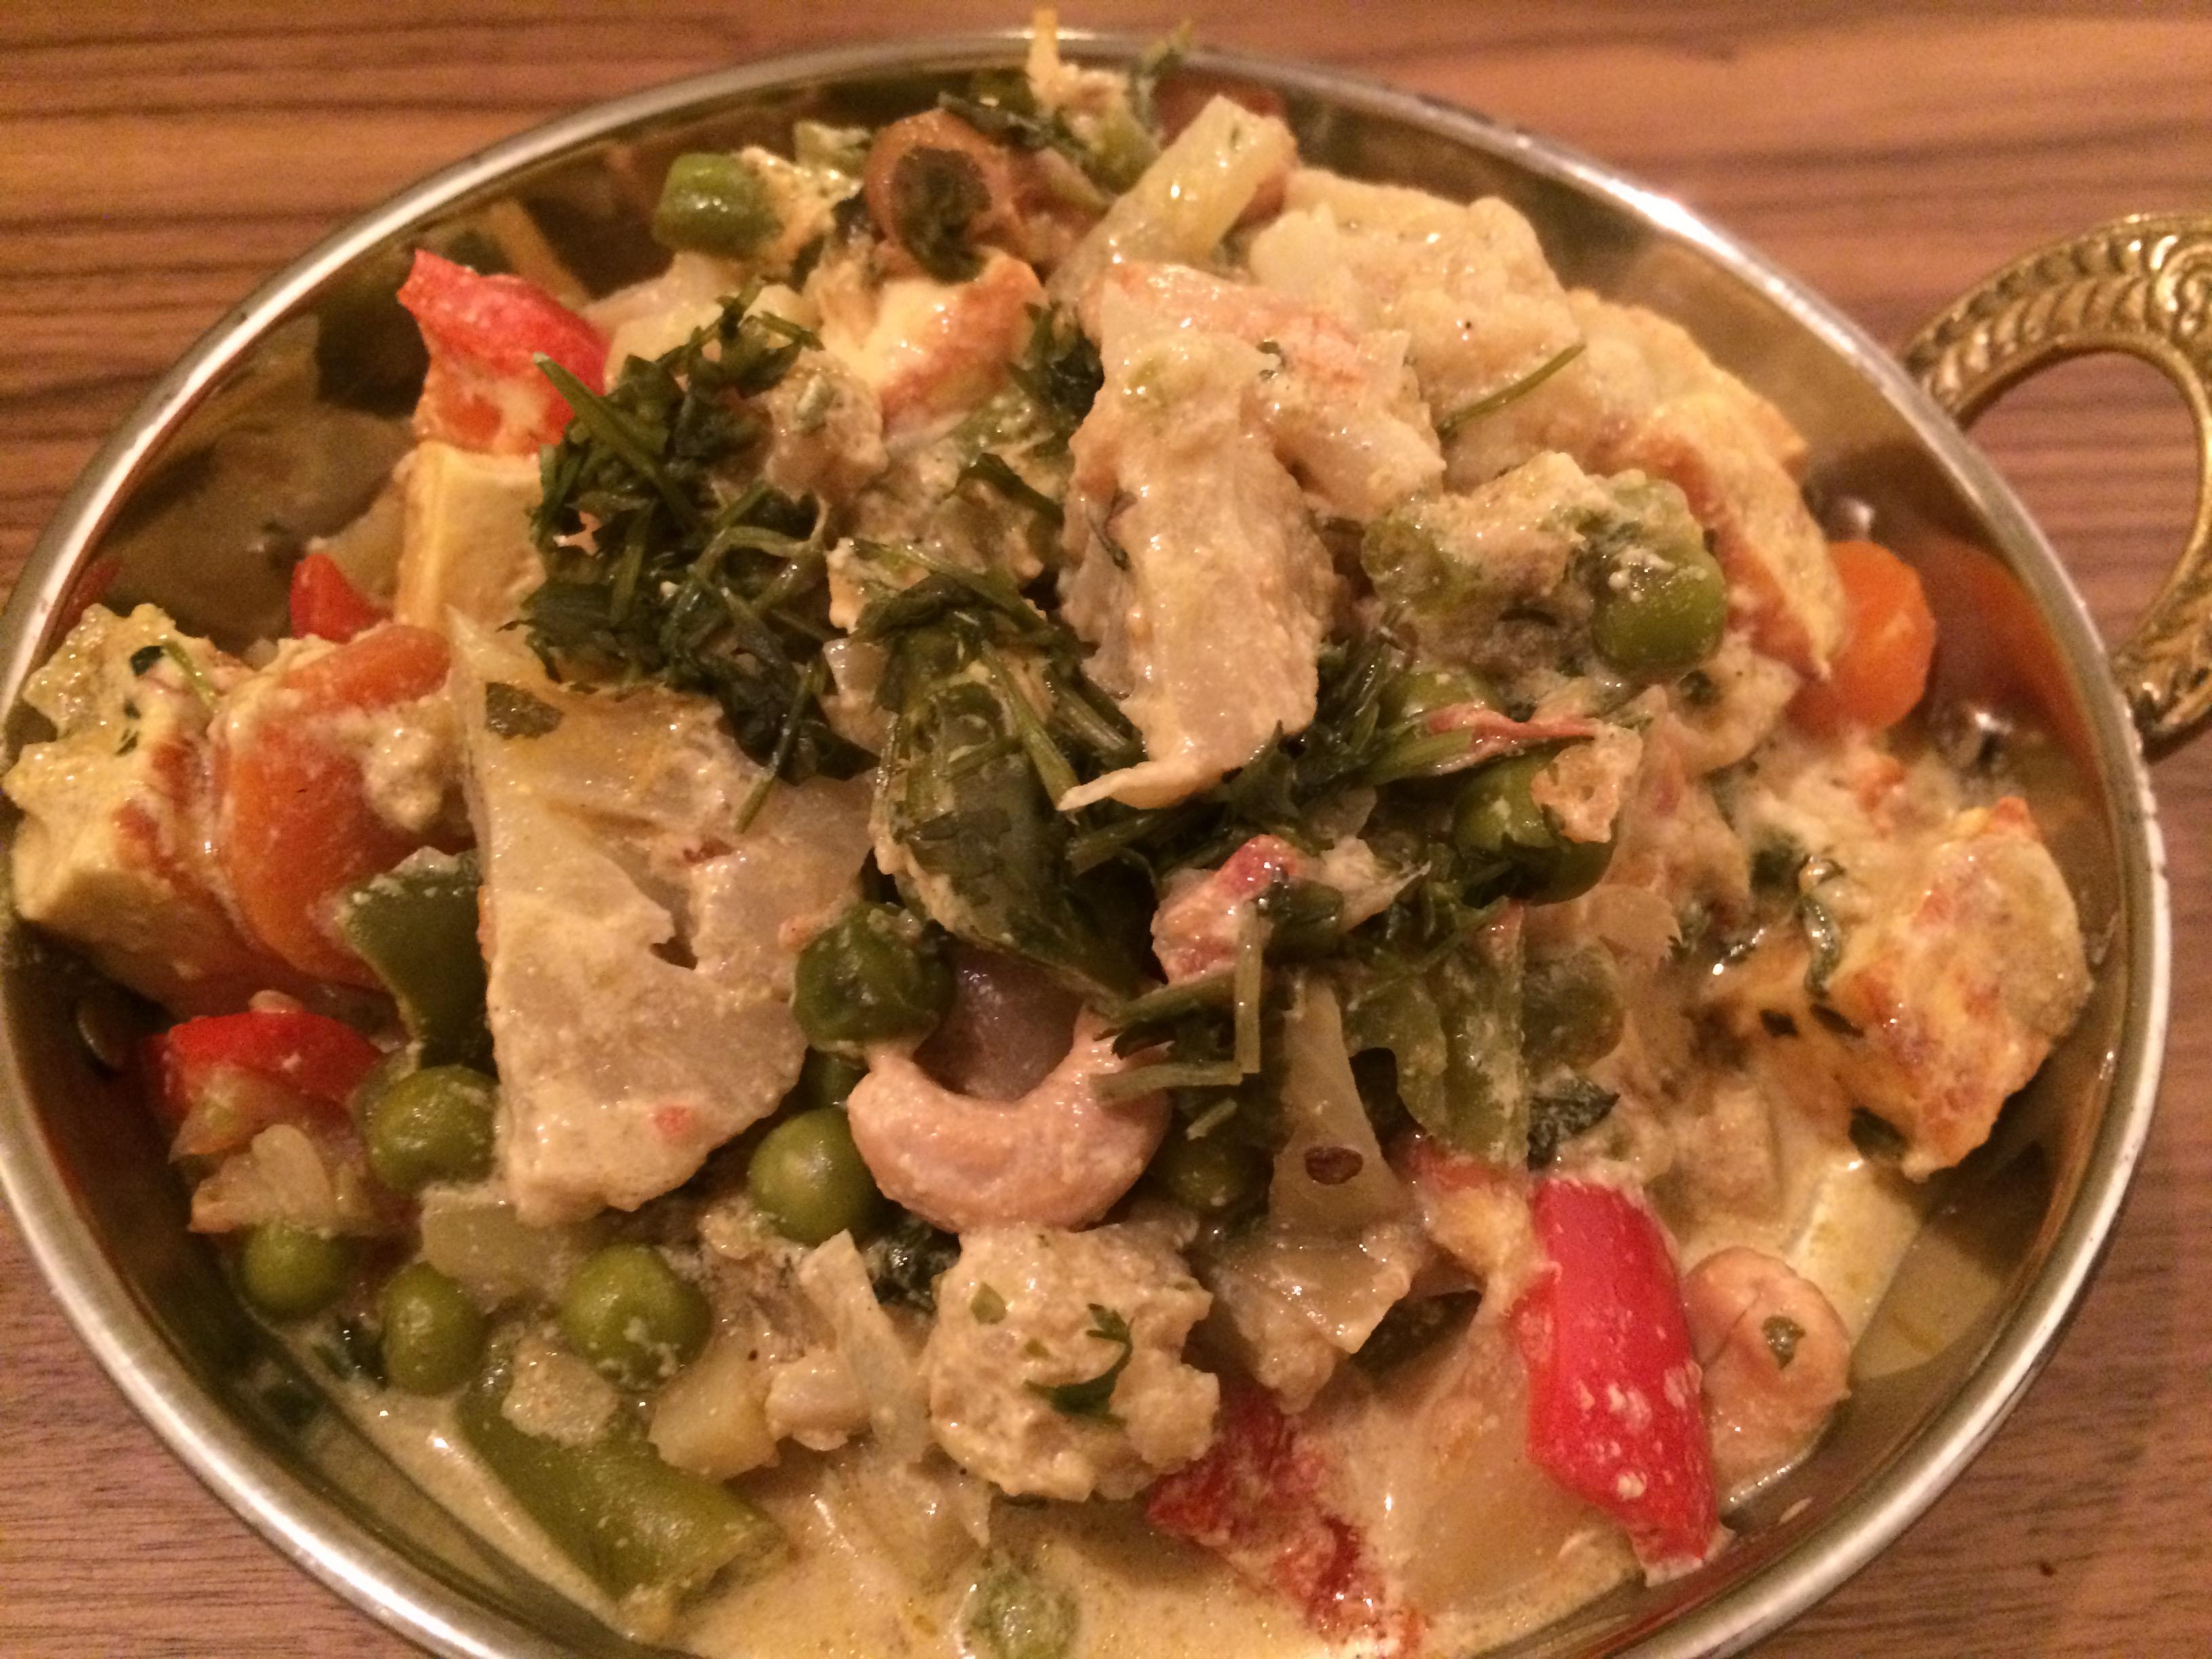 Navratan korma er en av mine favoritretter blant indisk mat. Denne retten inneholder både paneer, kremet karrisaus og masse grønnsaker.